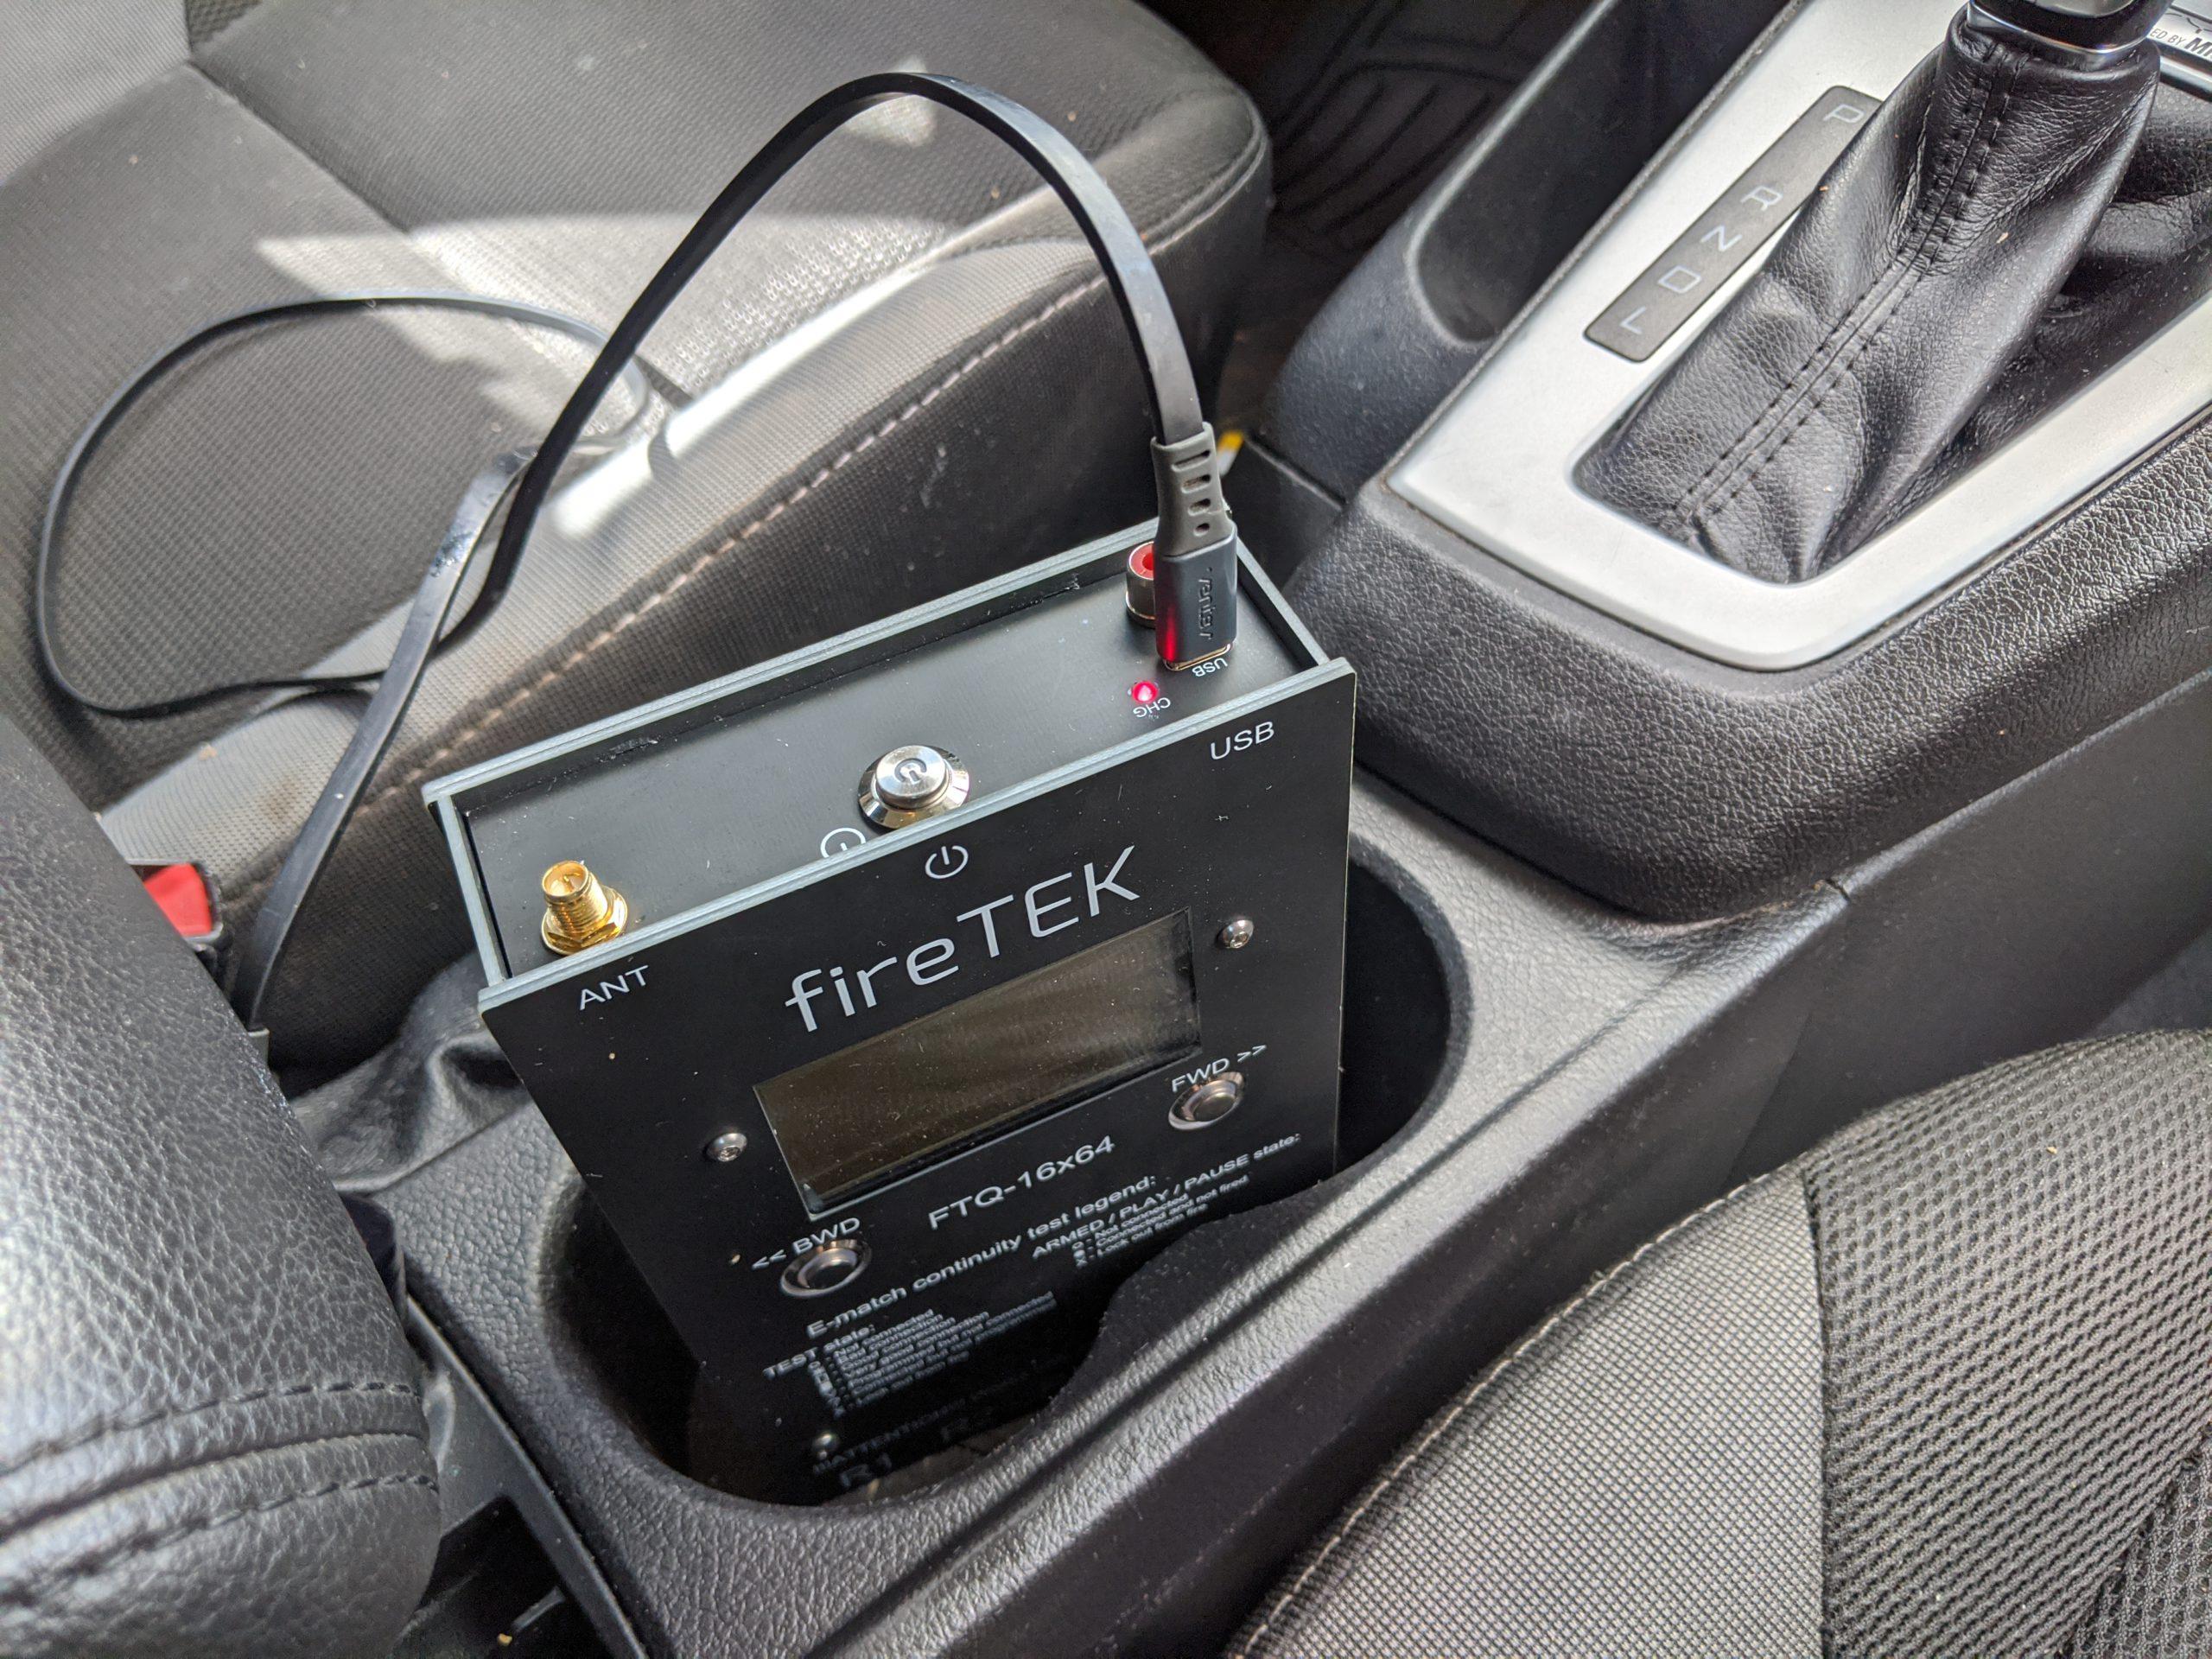 fireTEK external antenna